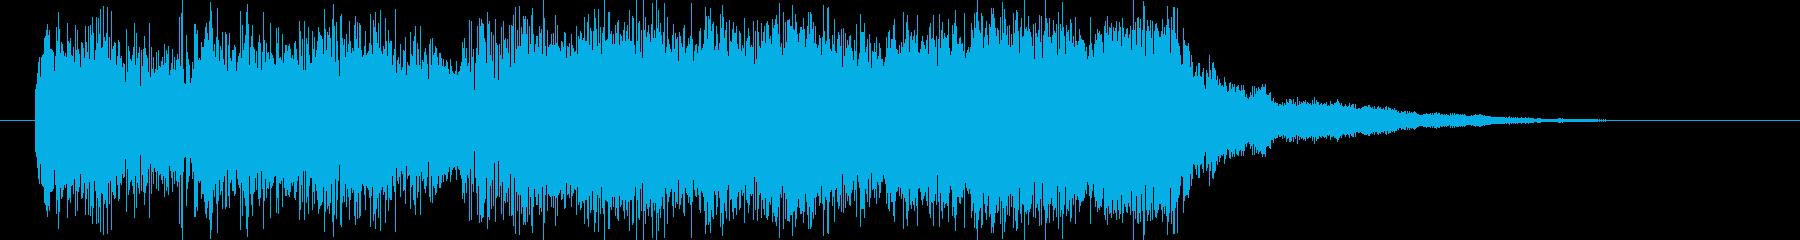 ジングル用。CM入りなどの再生済みの波形